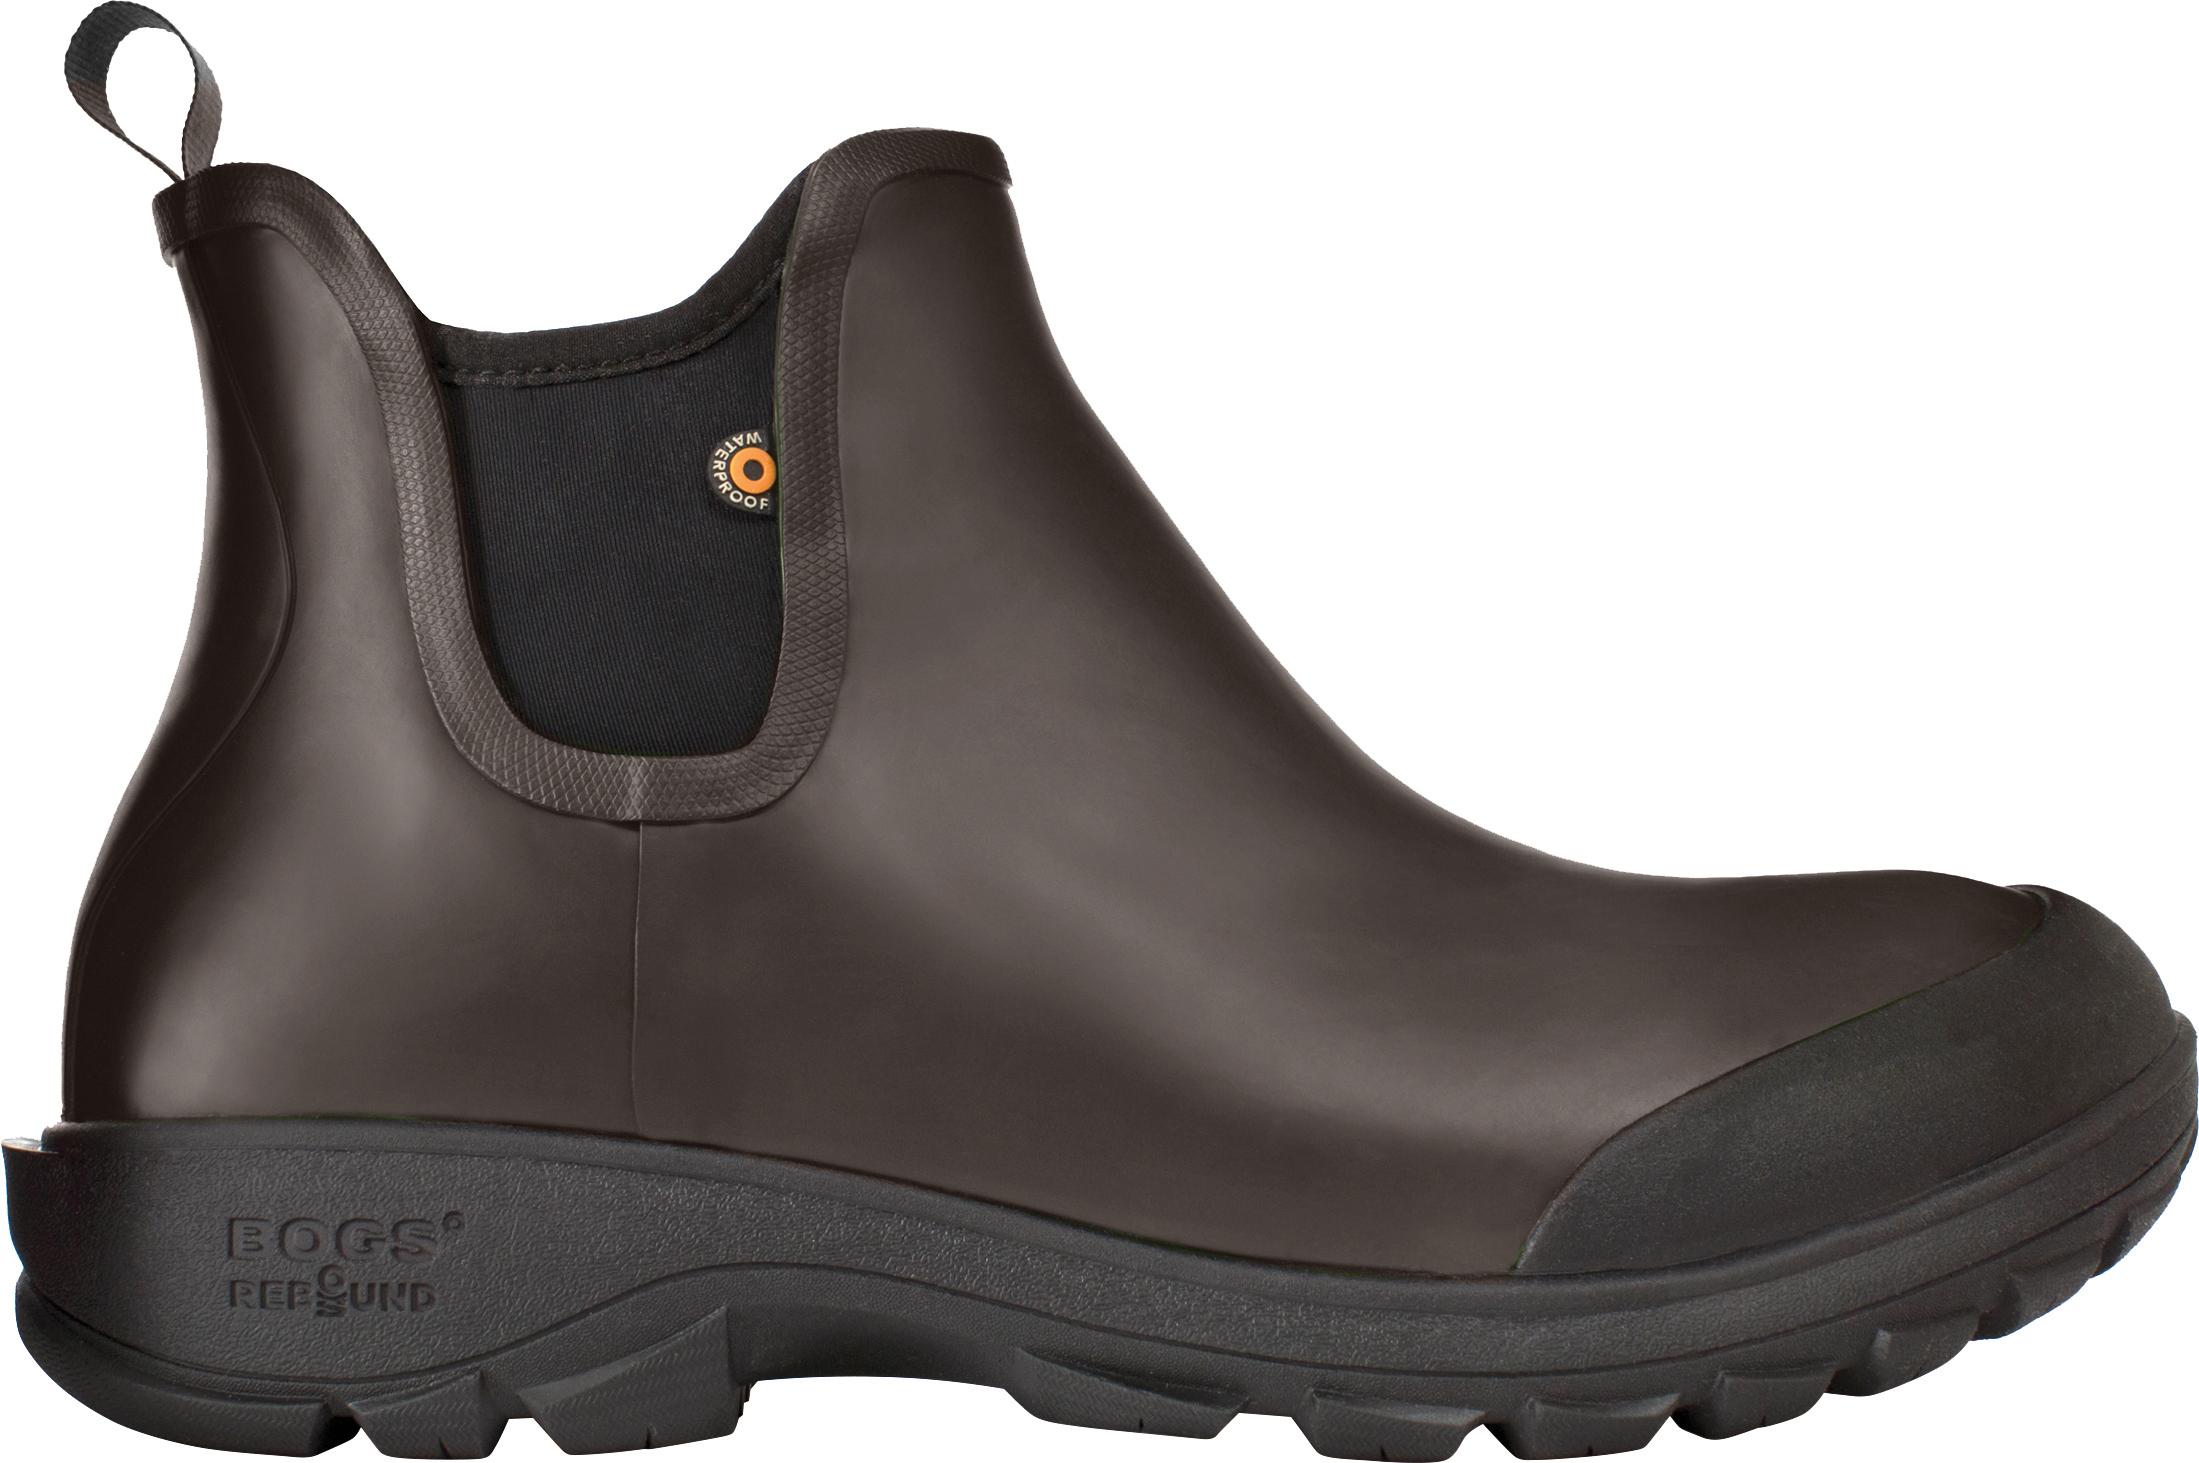 Bogs Sauvie Slip on Rain Boots - Men's